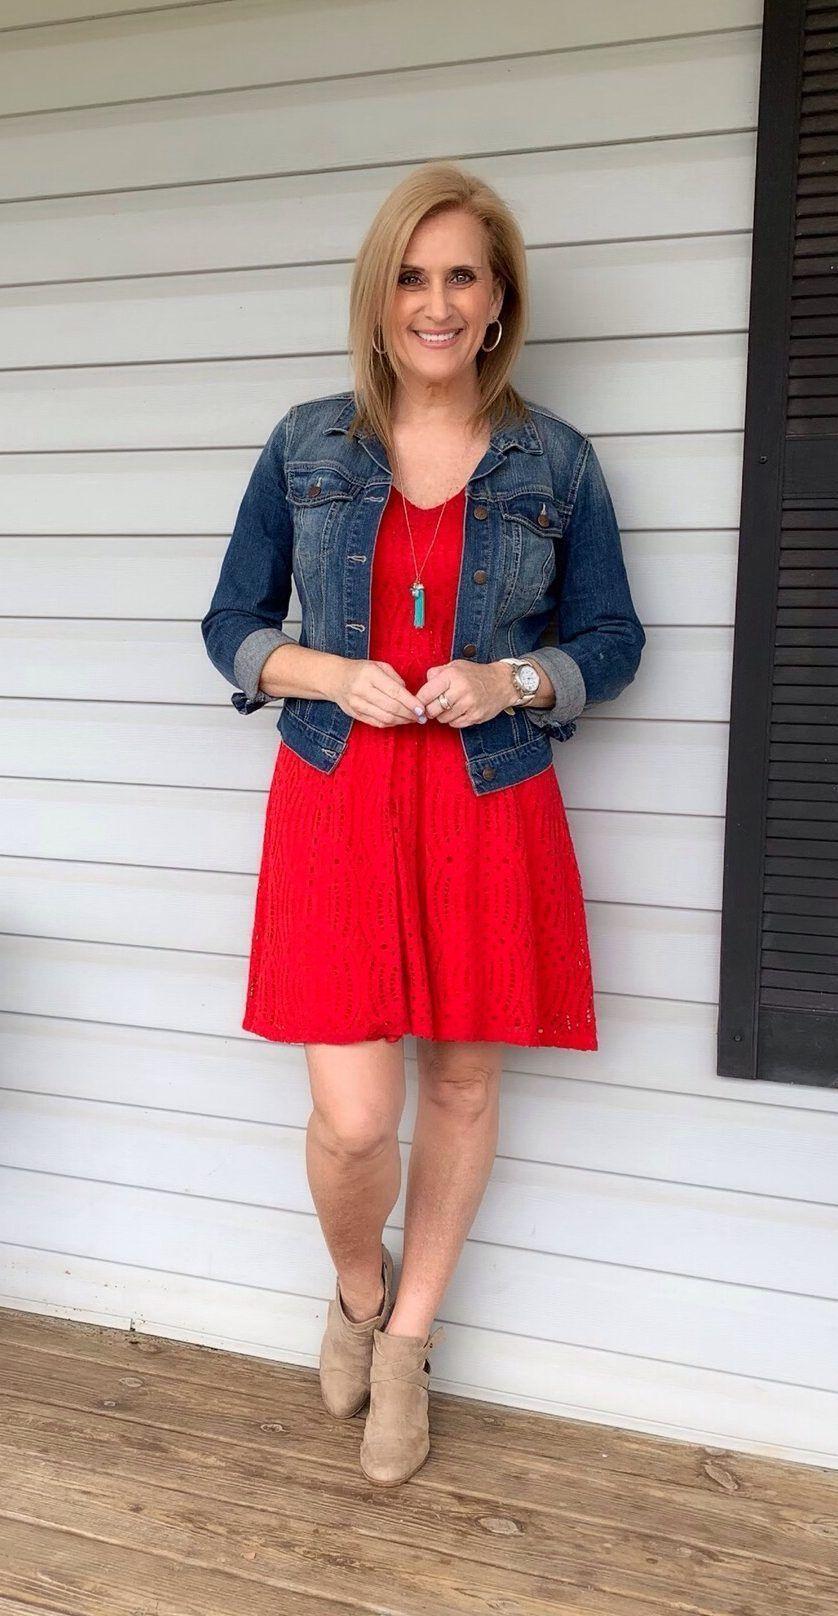 Red Dress & Denim Jacket | Denim jacket with dress ...